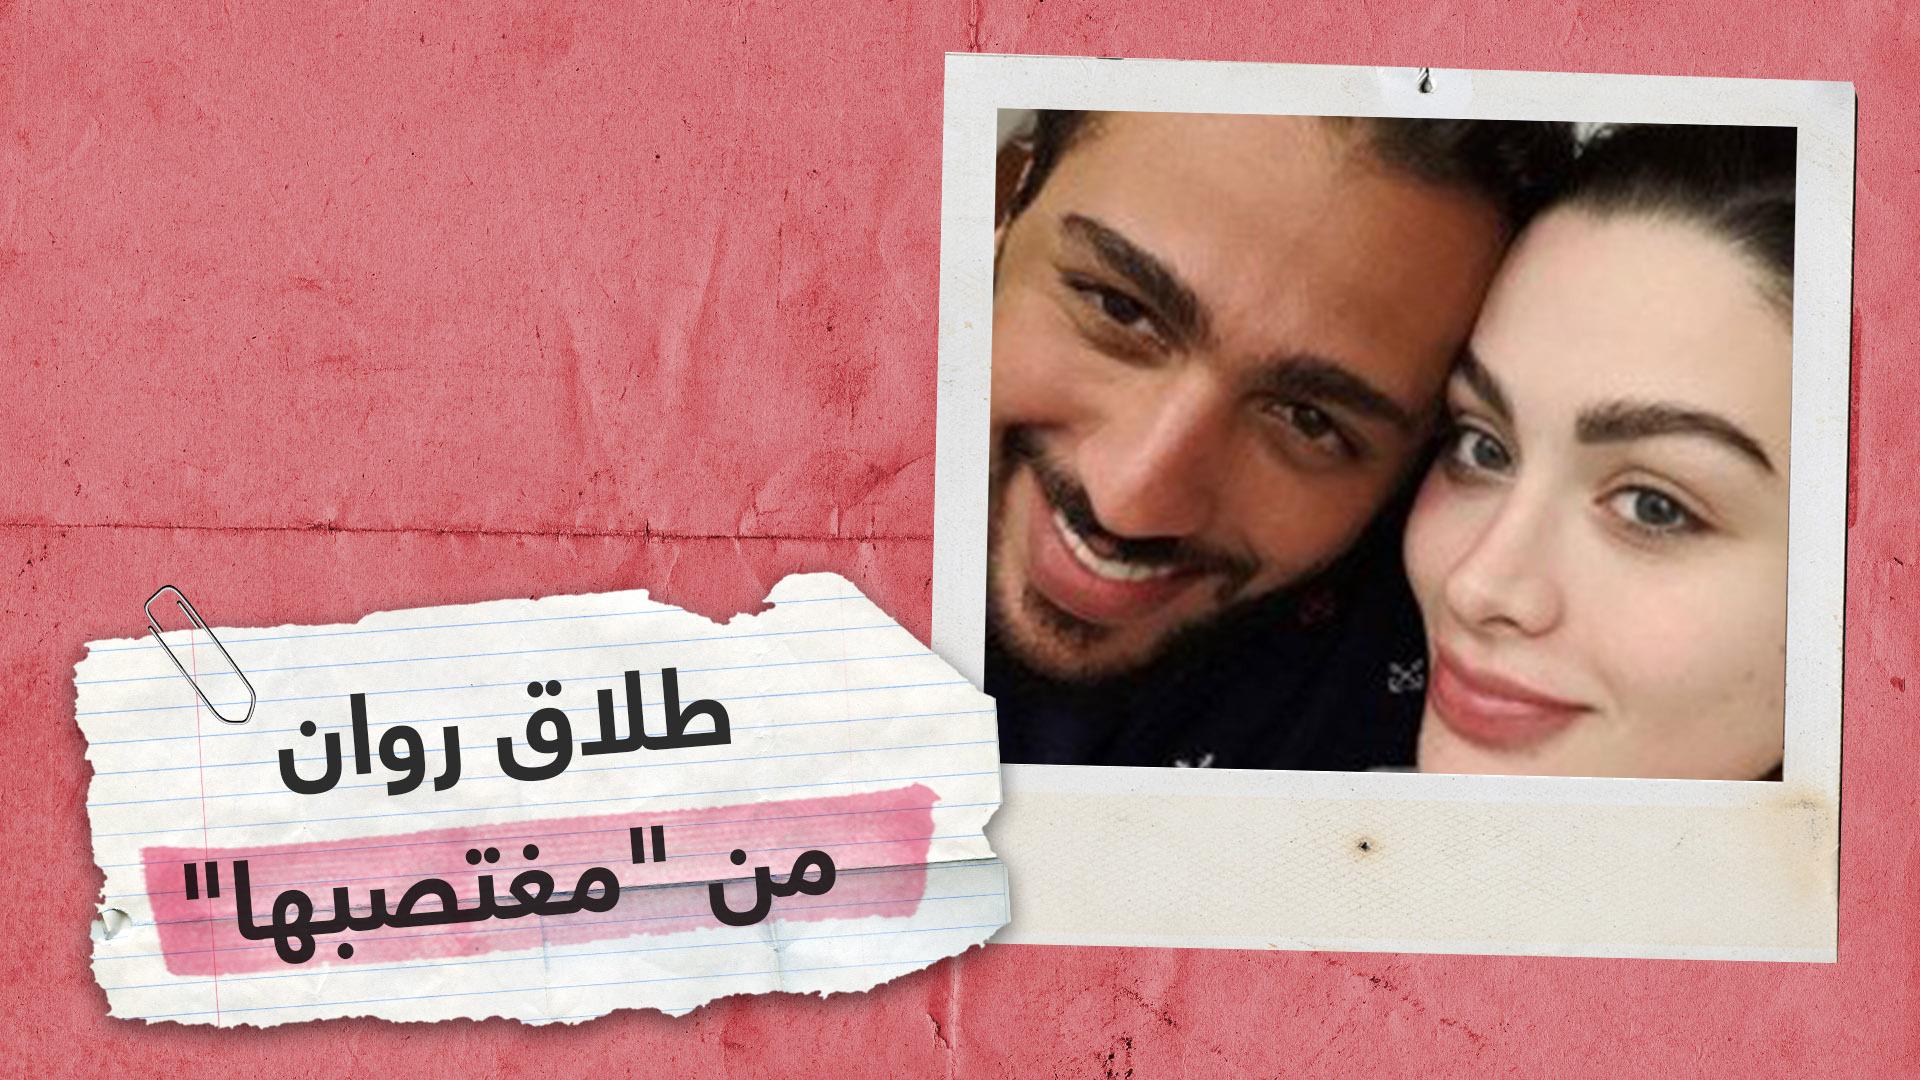 اغتصاب ثم زواج وطلاق.. روان بن حسين تكشف تفاصيل صادمة